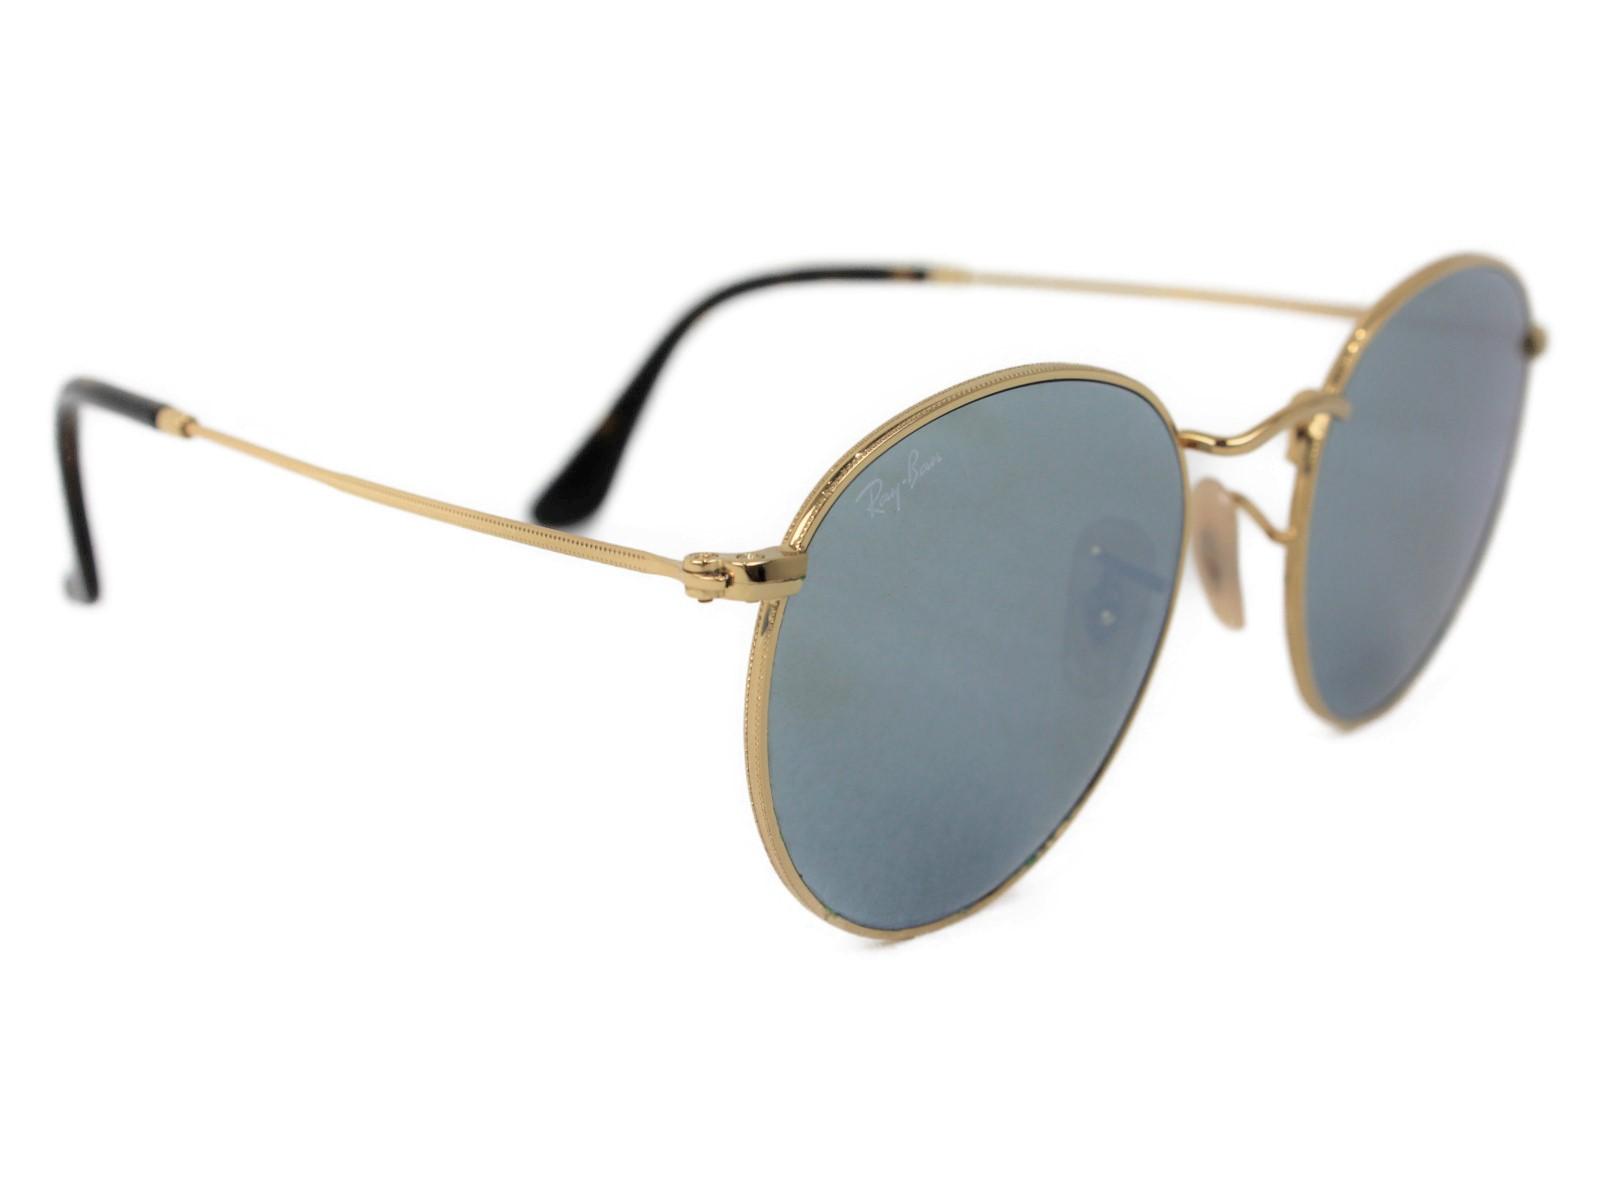 Ray-Ban レイバン サングラス RB 3447-N ゴールド   レディース ユニセックス メンズ ウィメンズ 眼鏡 かっこいい 小物 紳士【中古】